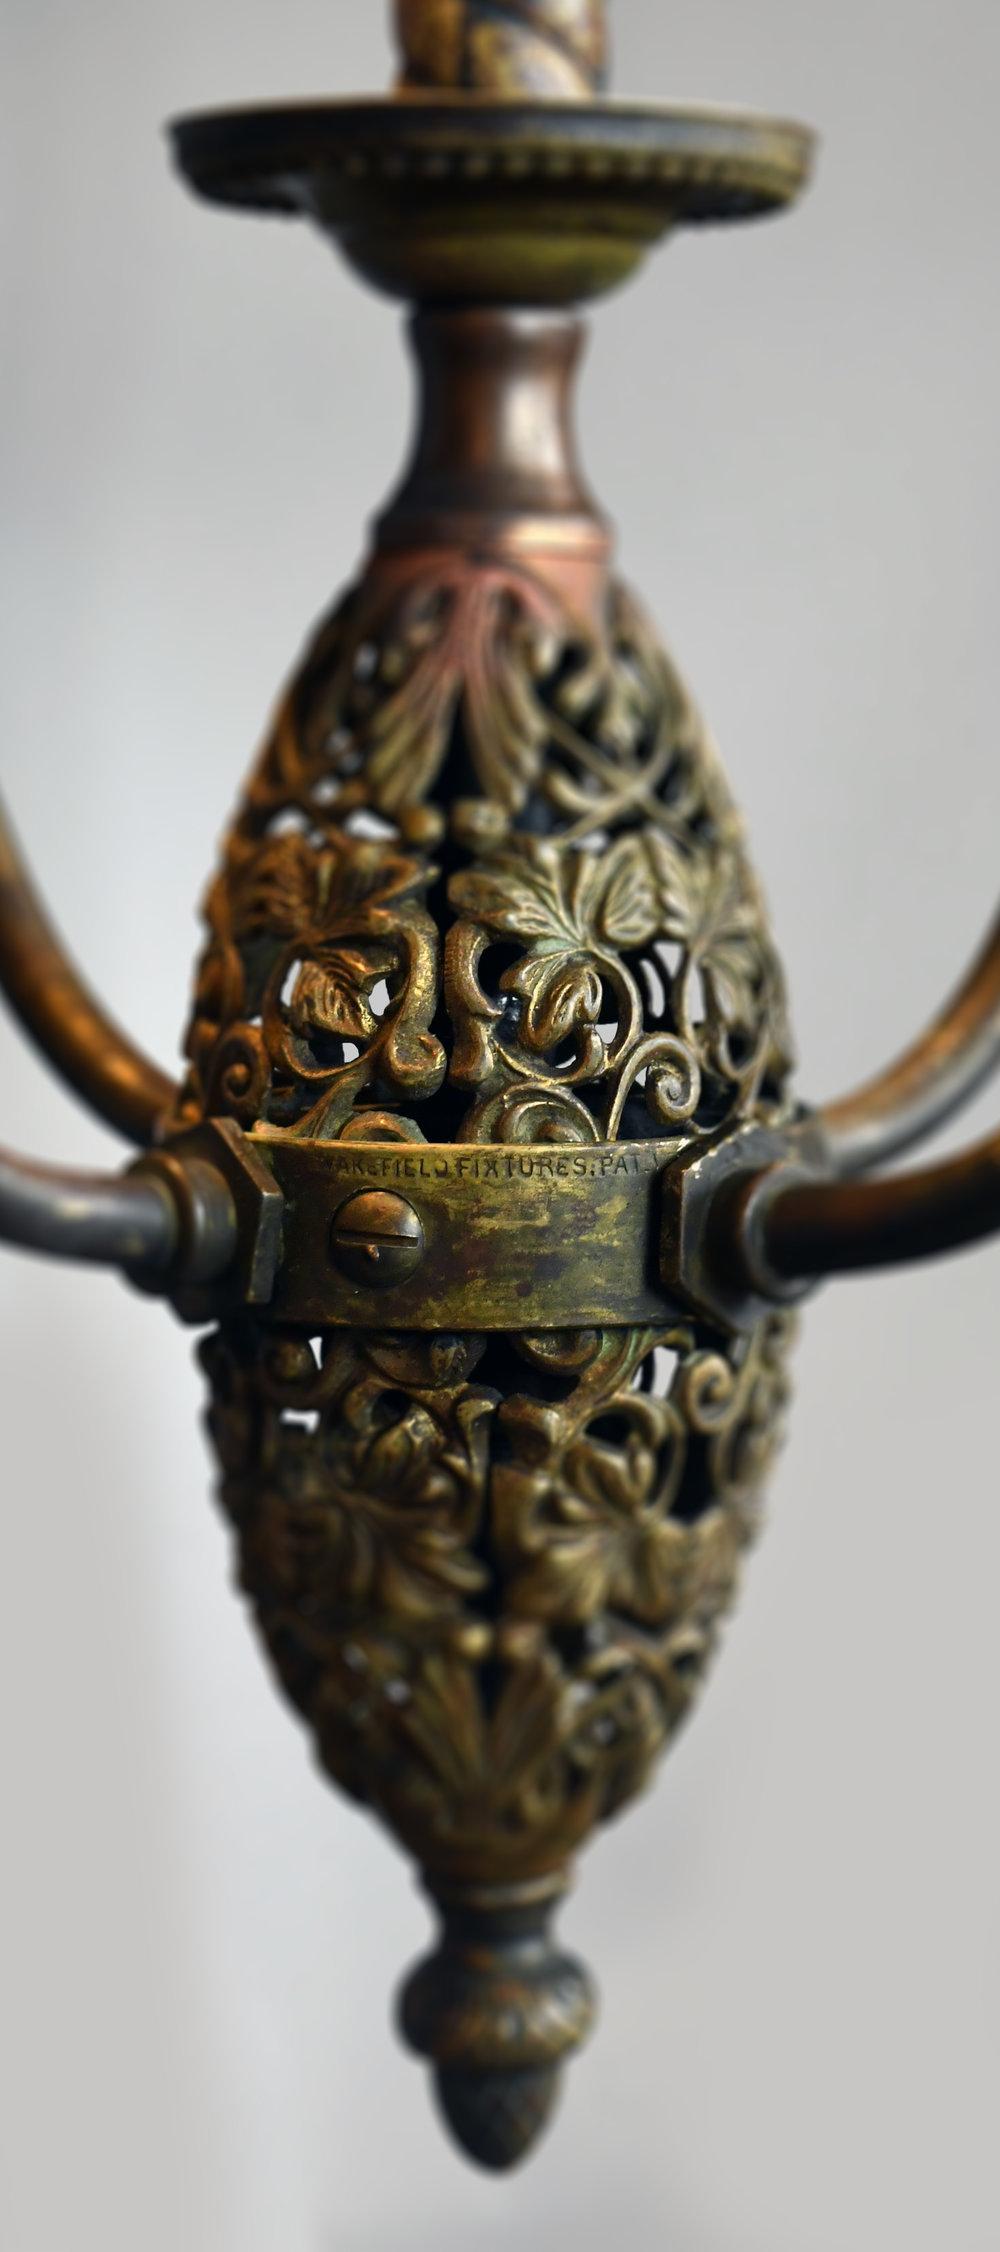 47597-brass-4-arm-chandelier-detail-2.jpg